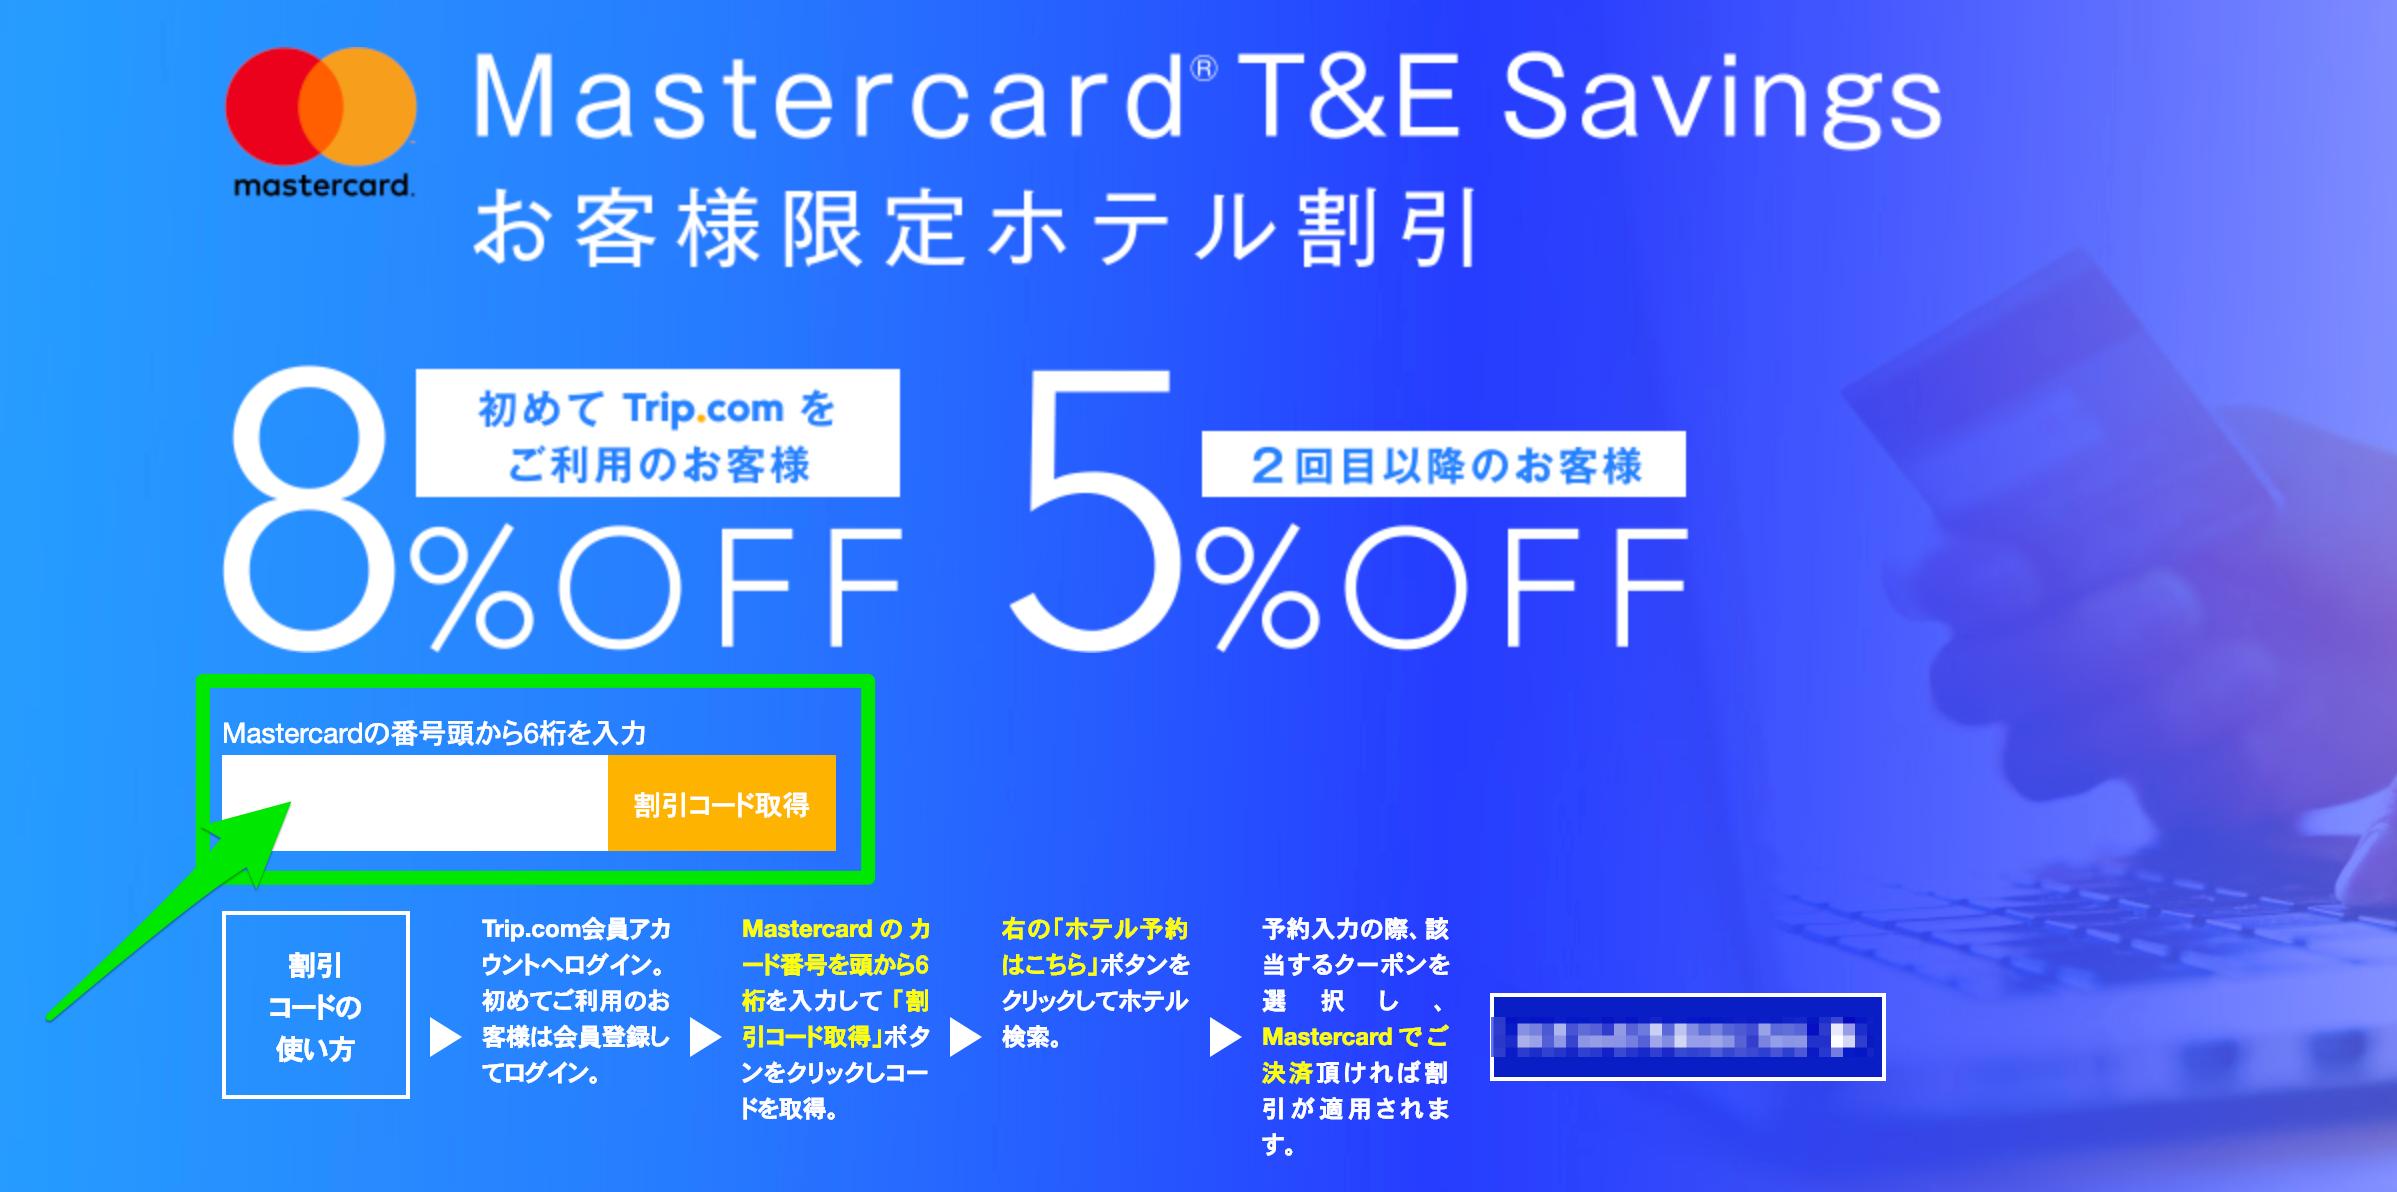 Trip.com × MasterCard会員限定 海外ホテル予約8%割引&5%割引クーポンページでクーポンコードを取得